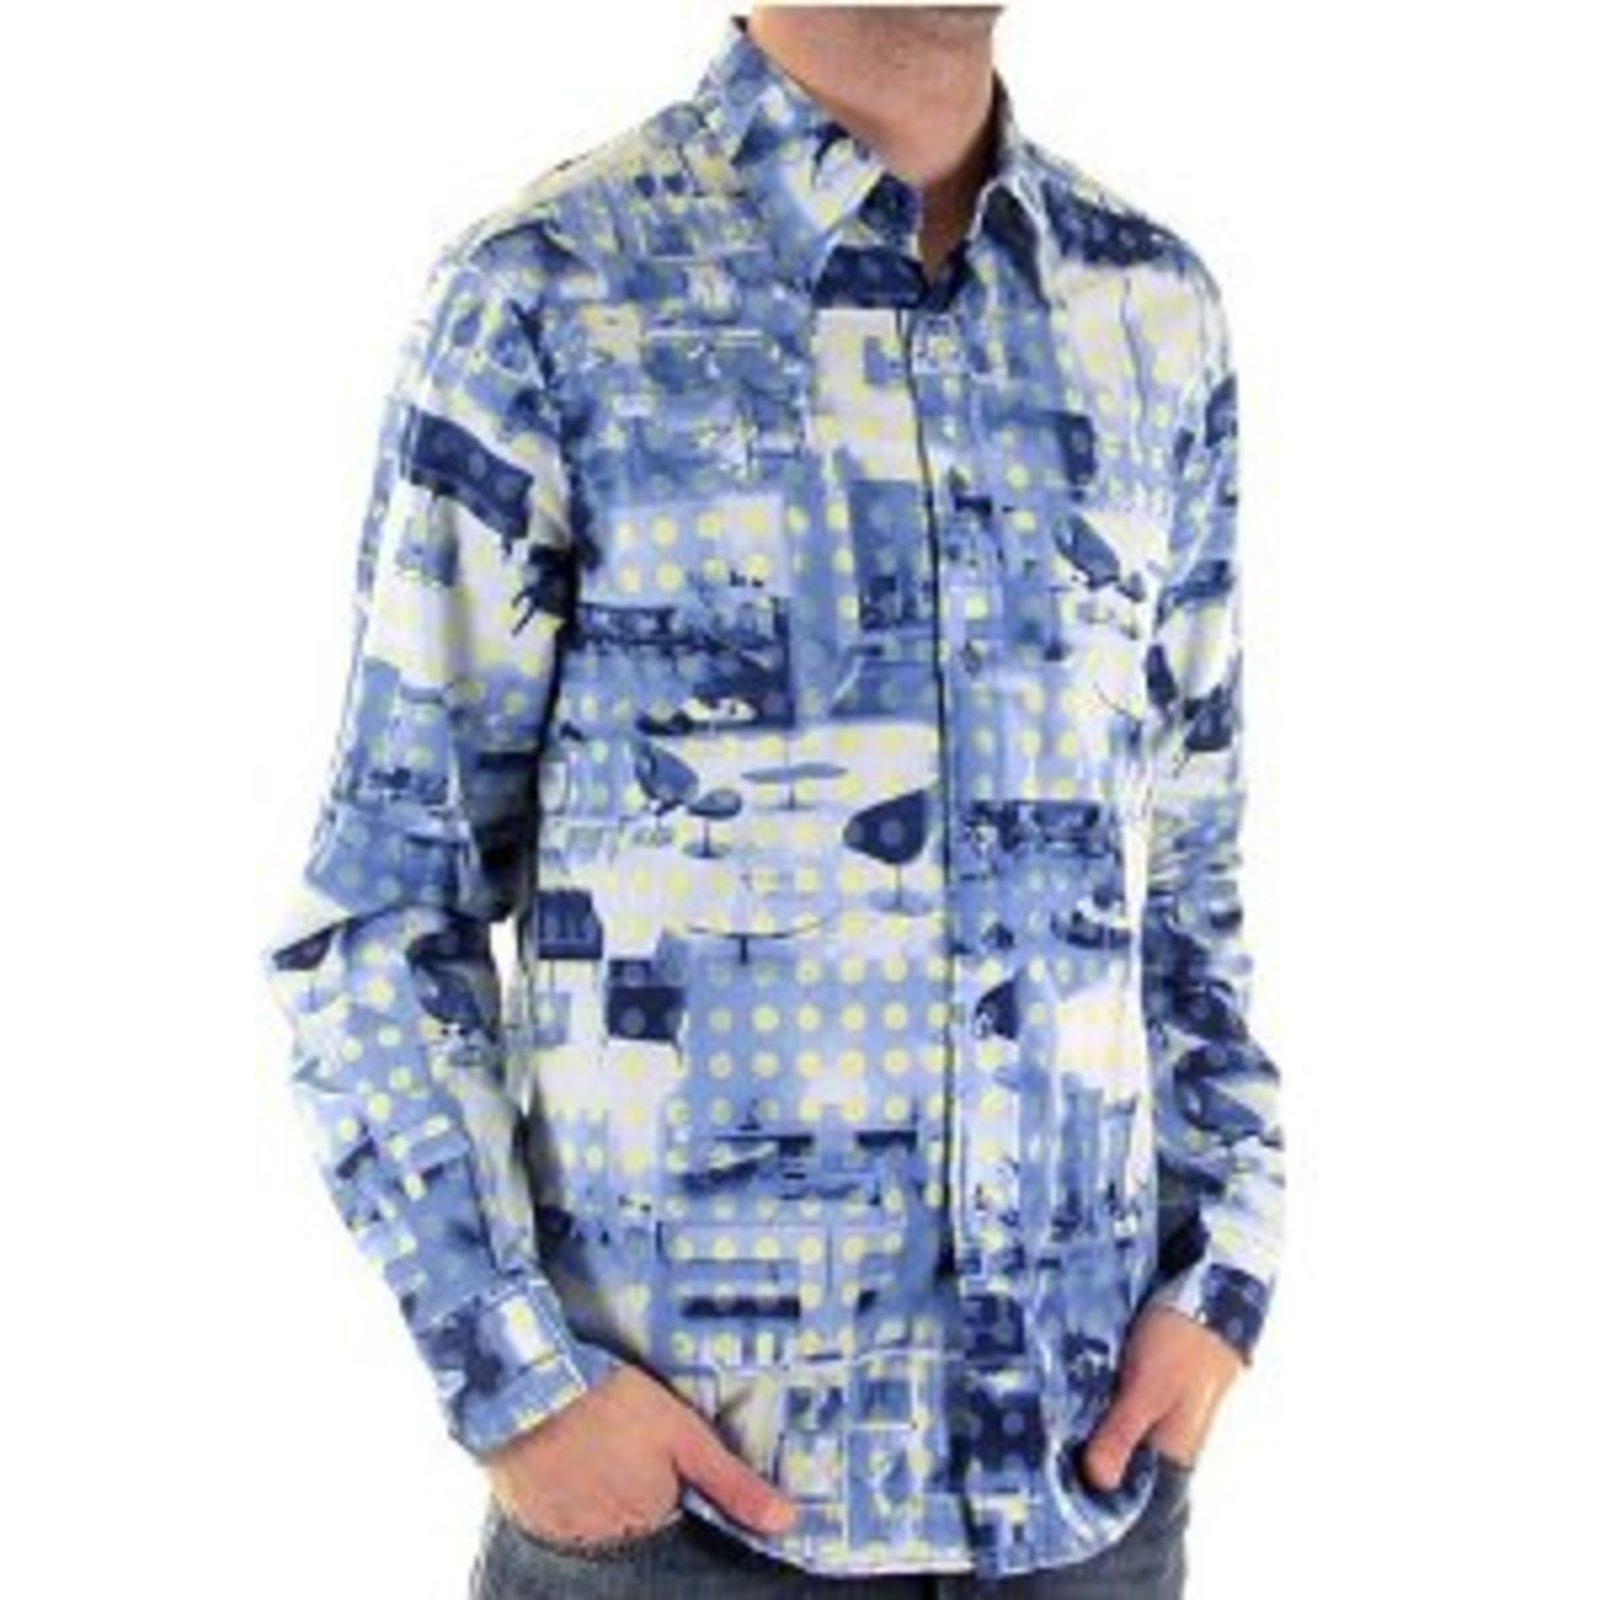 Moschino Shirt Mens Long Sleeve Printed Shirt Mosm3832 At